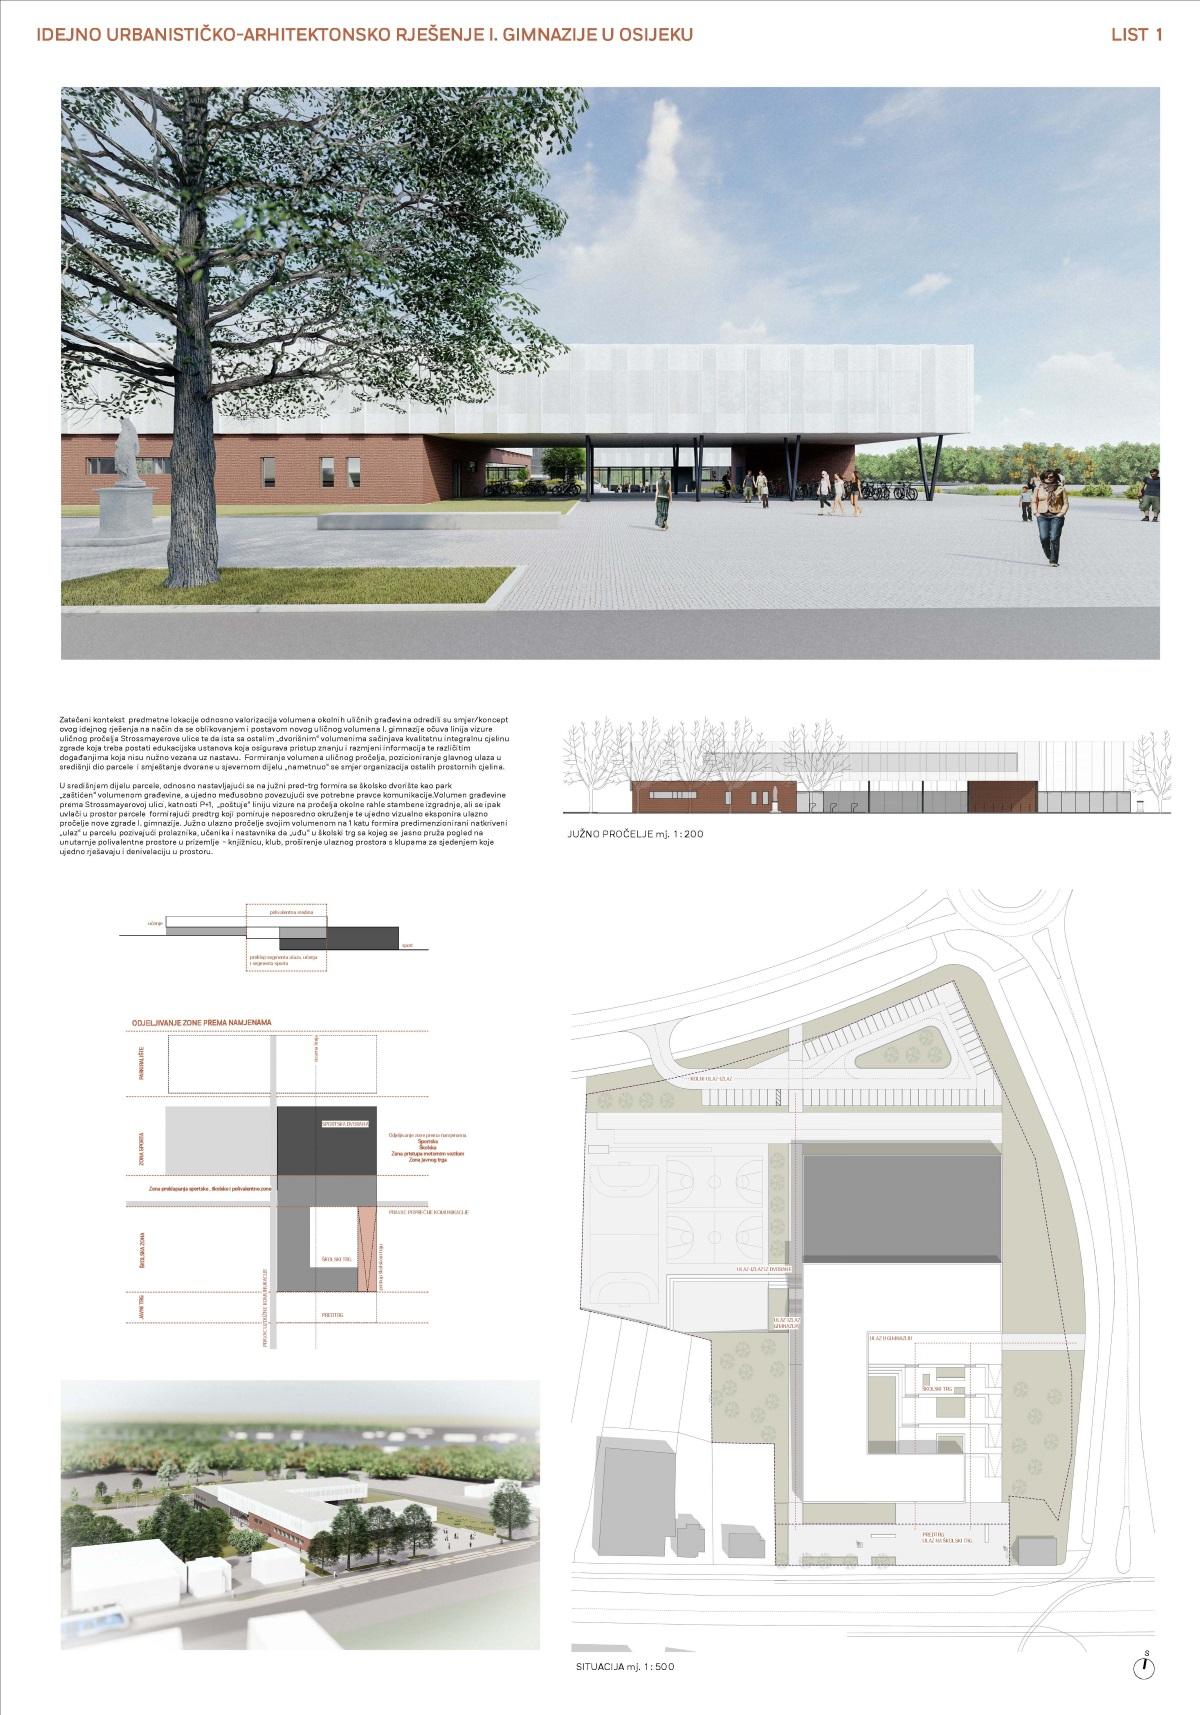 Rezultati natječaja za idejno arhitektonsko-urbanističko rješenje I. gimnazije u Osijeku